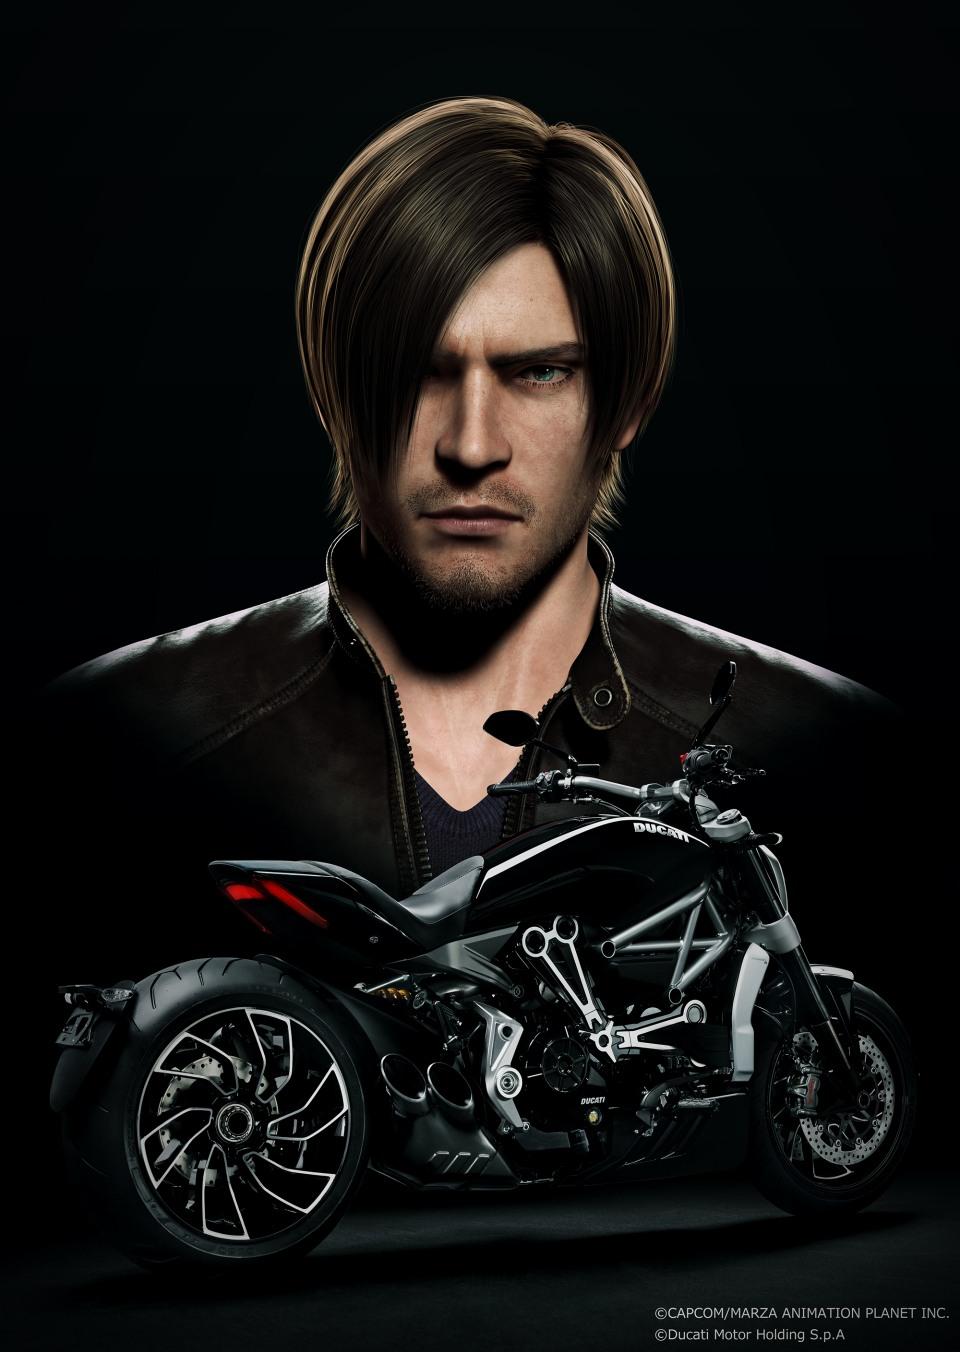 Resident_Evil_Vendetta_-_Leon_Scott_Kennedy_-_Ducati_XDiavel.png